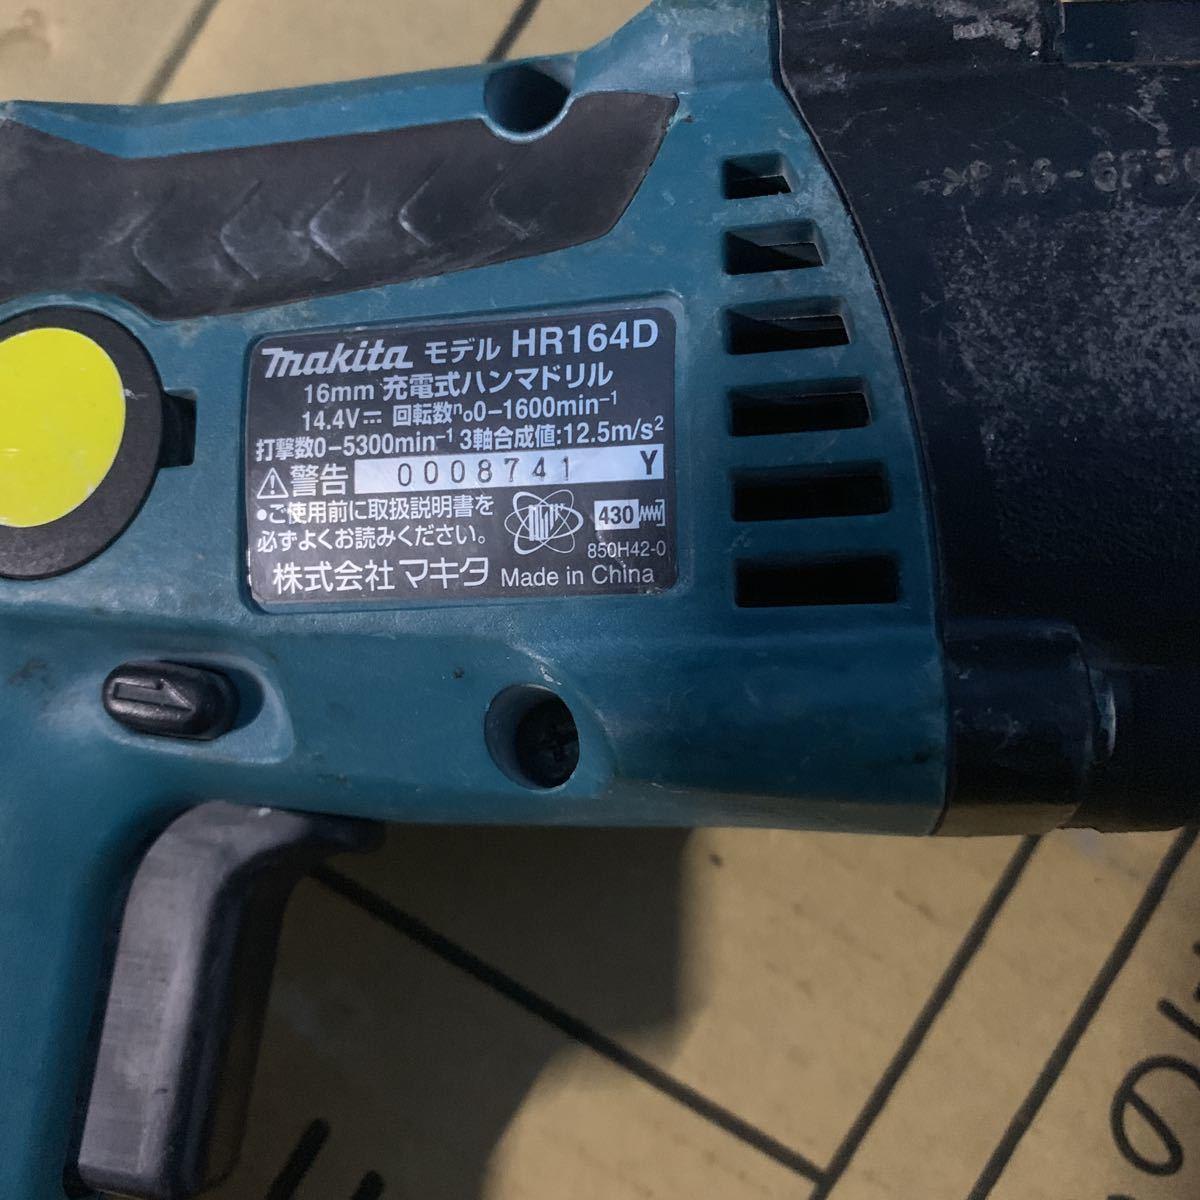 マキタ(MAKITA)HR164D 充電式 ハンマドリル(動作確認しました)_画像2